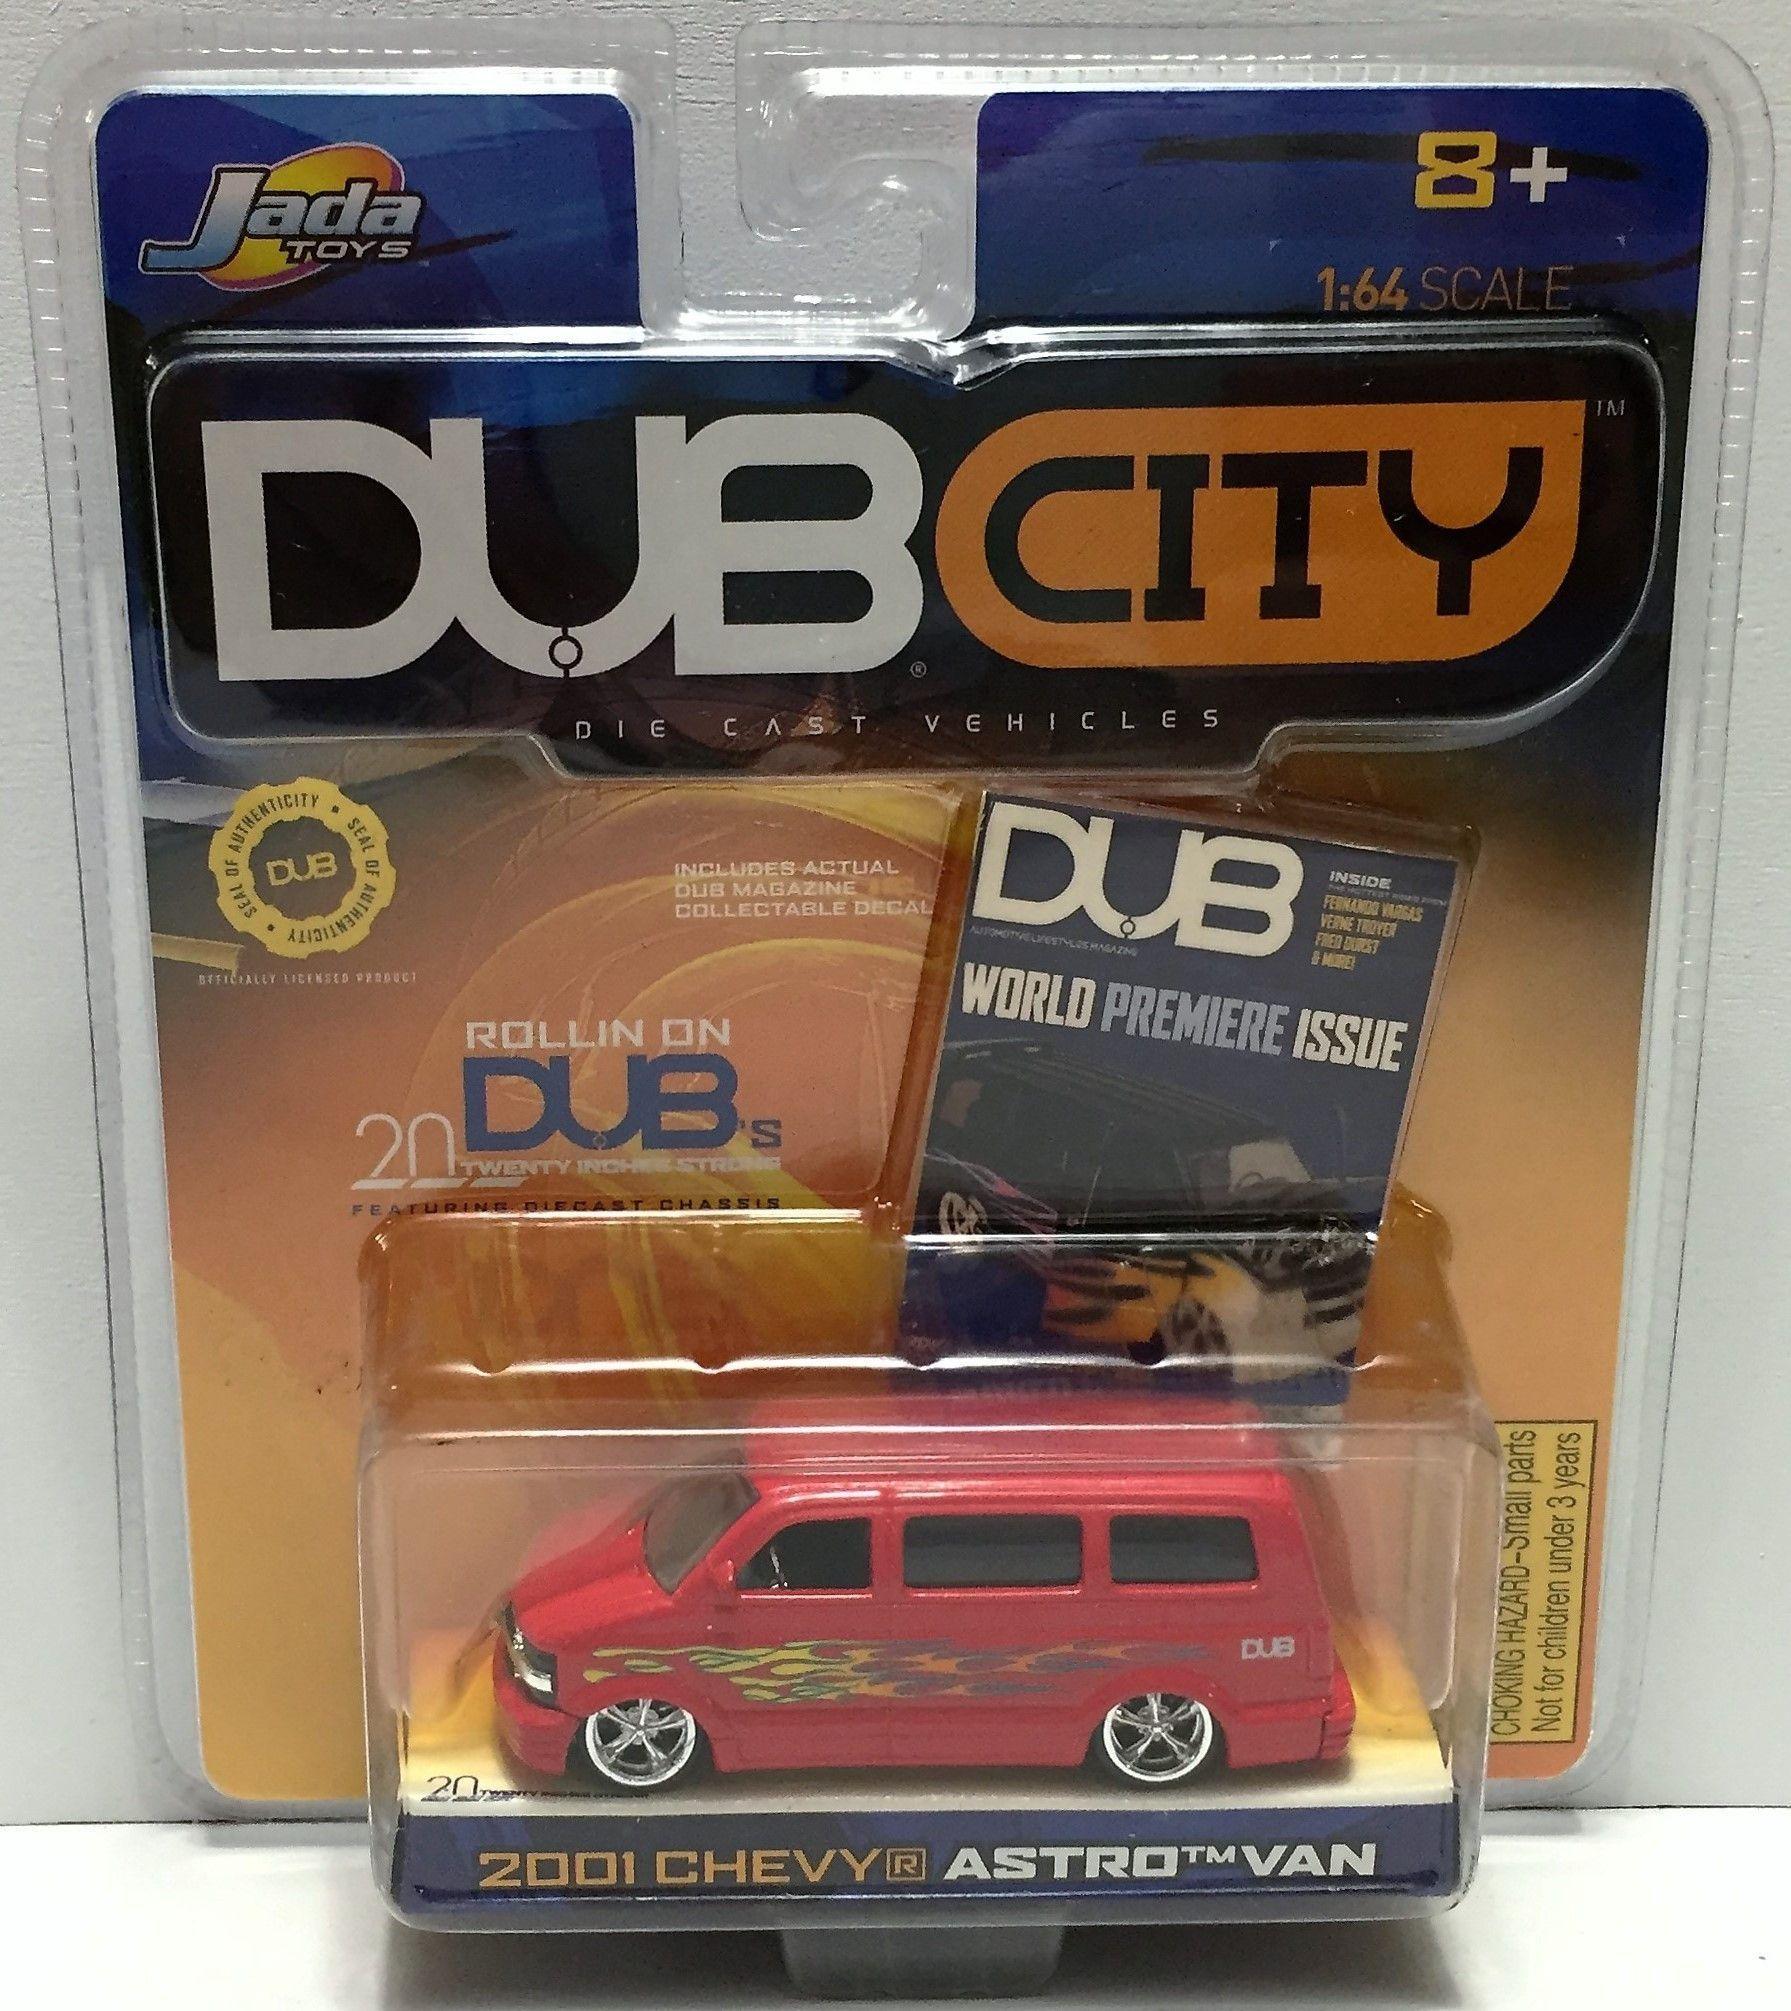 Jada car toys  TAS   Jada Toys Dub City DieCast Vehicles   Chevy